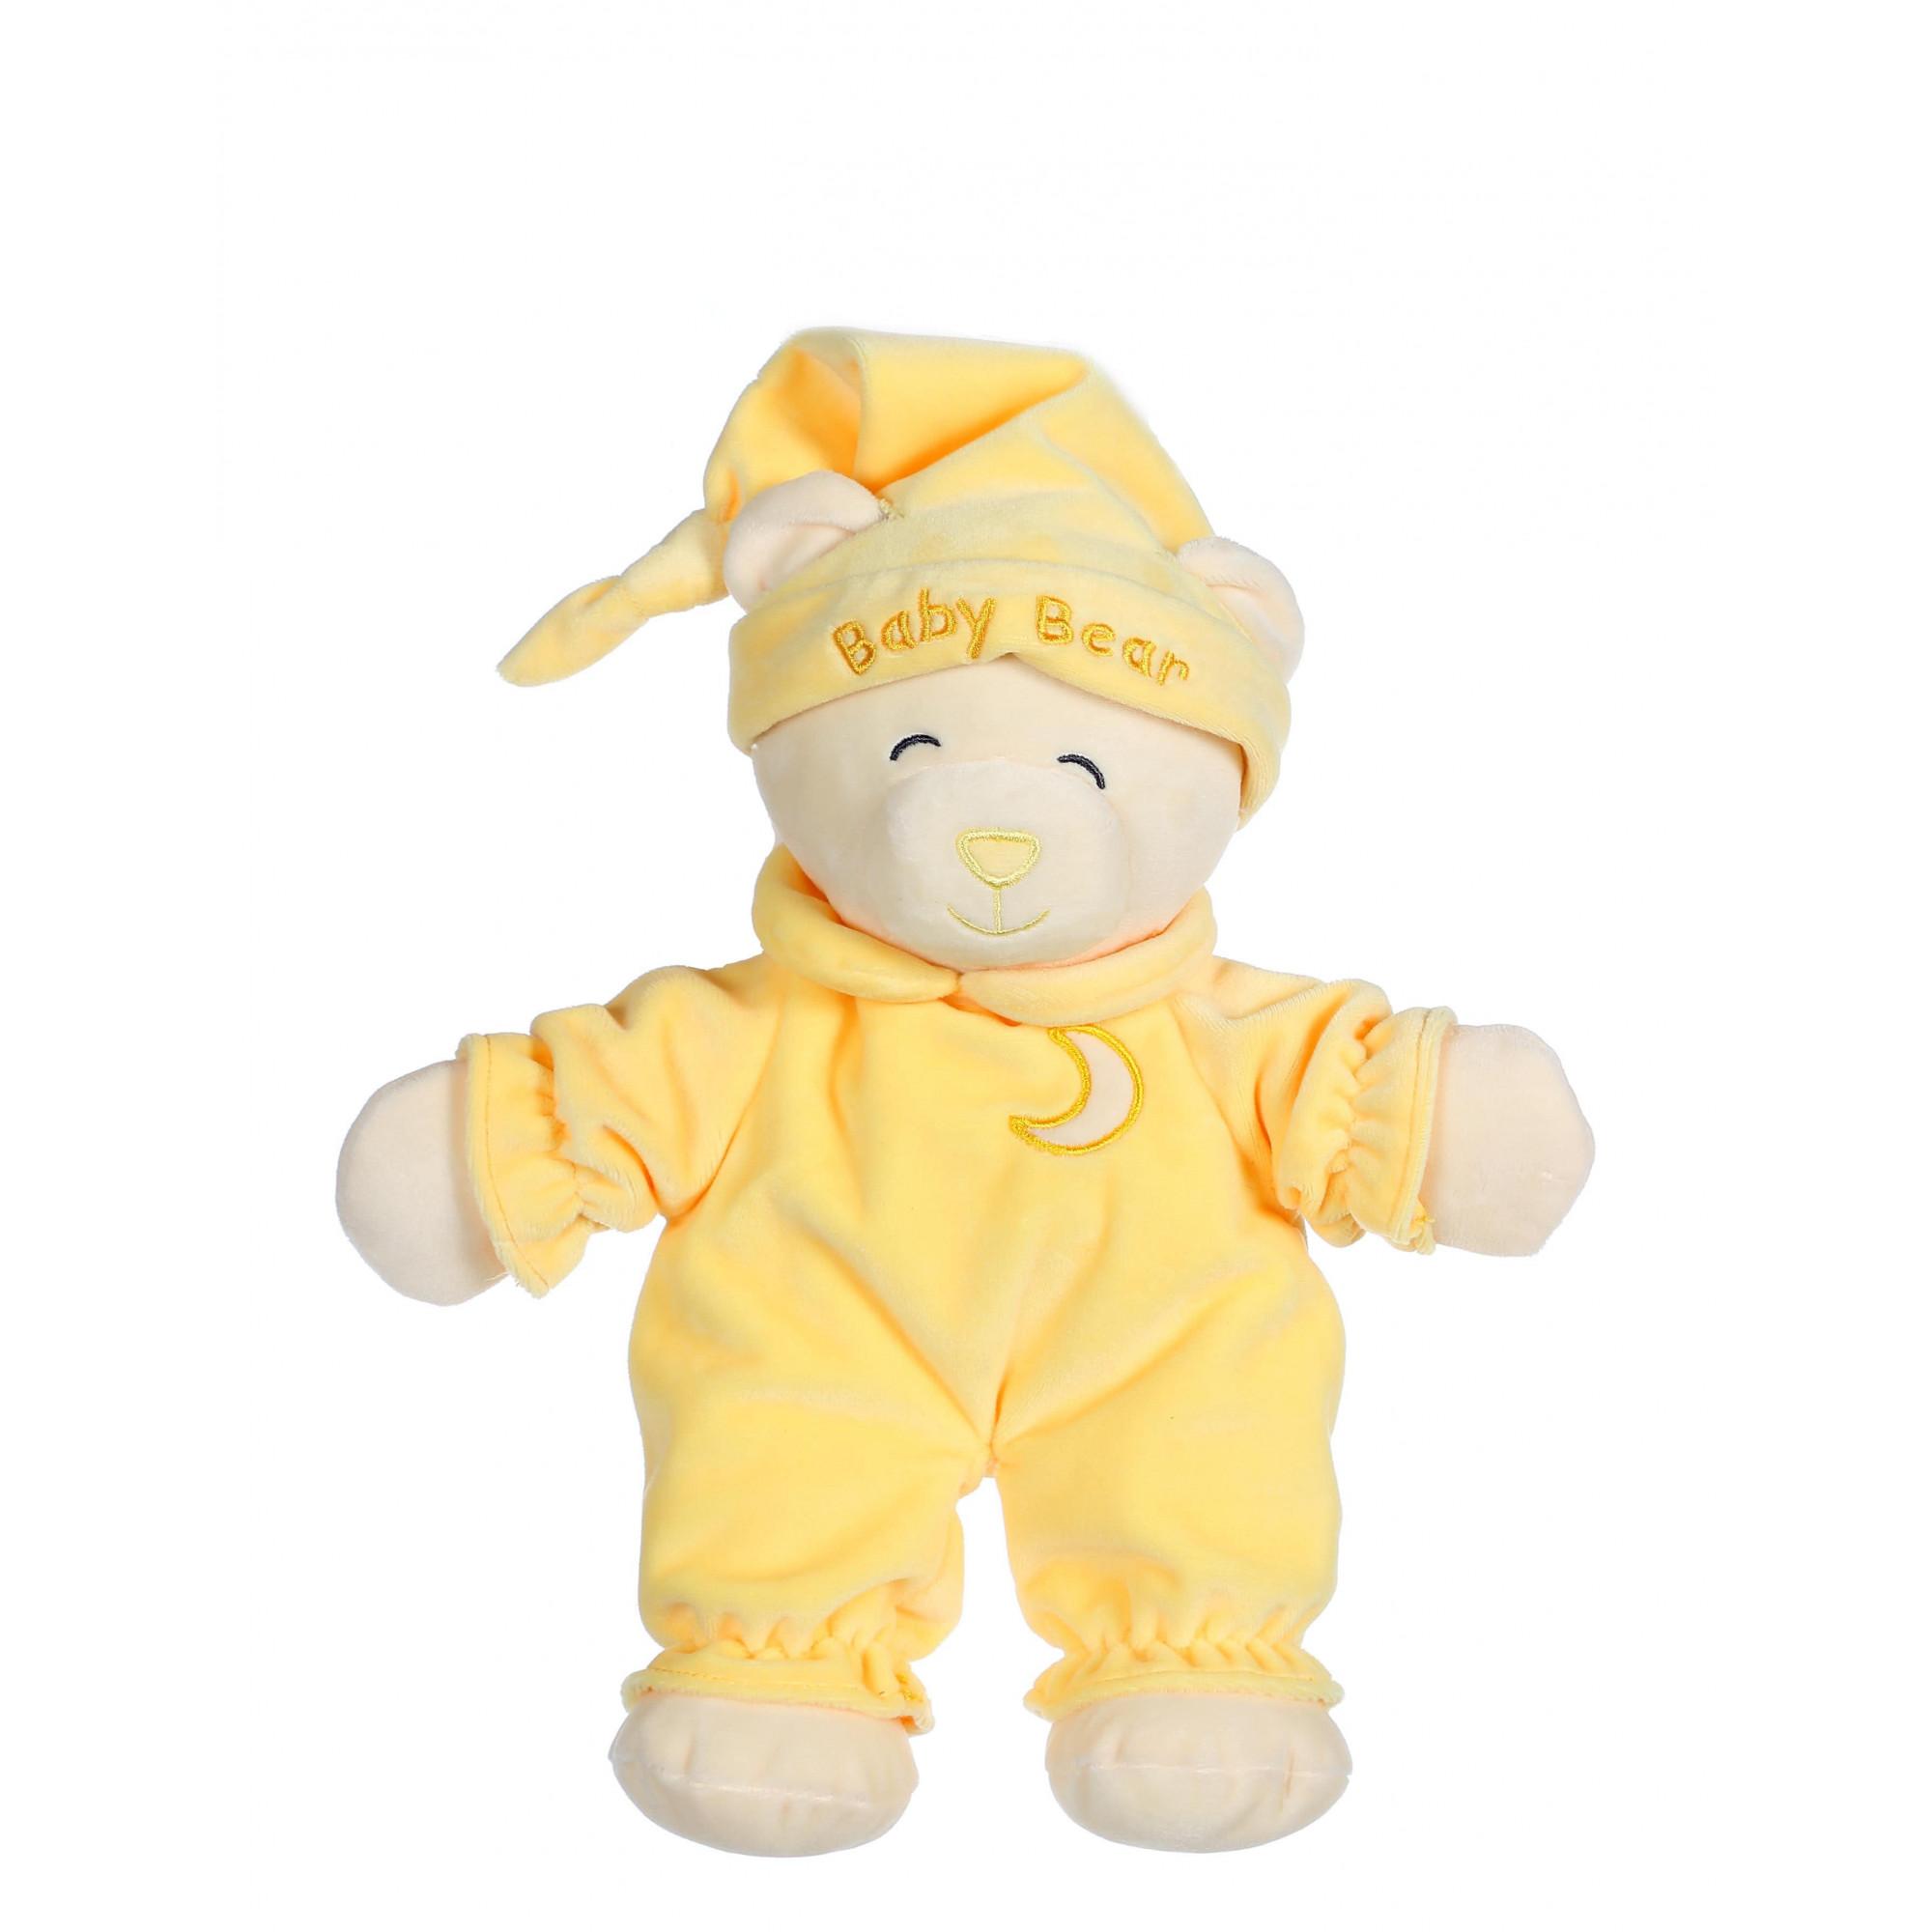 Ours Baby bear douceur jaune pâle - 24 cm